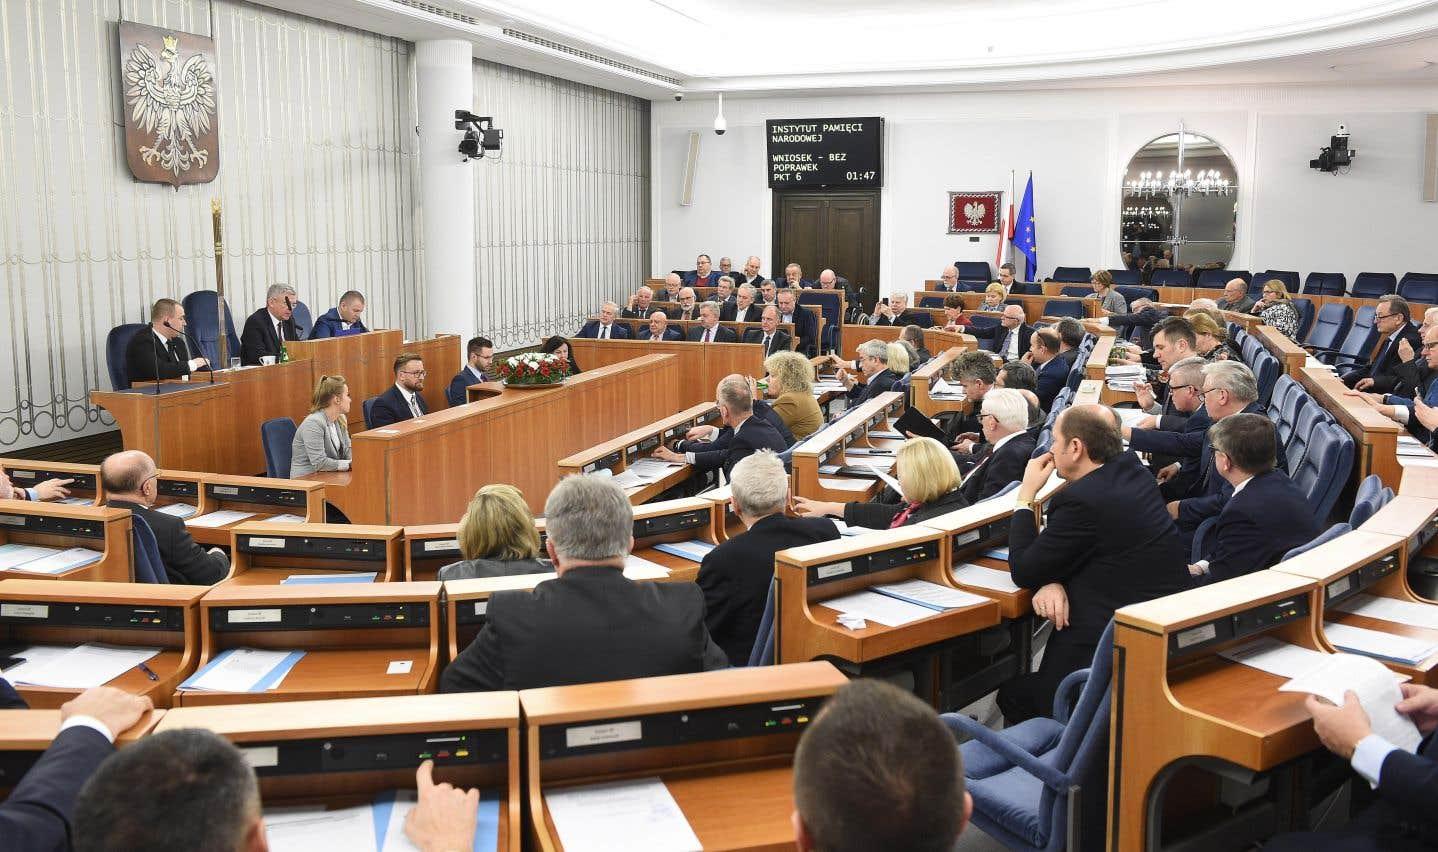 Votée dans la nuit de mercredi à jeudi par le Sénat polonais, la loi pourrait avoir des «répercussions» sur «les intérêts et relations stratégiques de la Pologne».